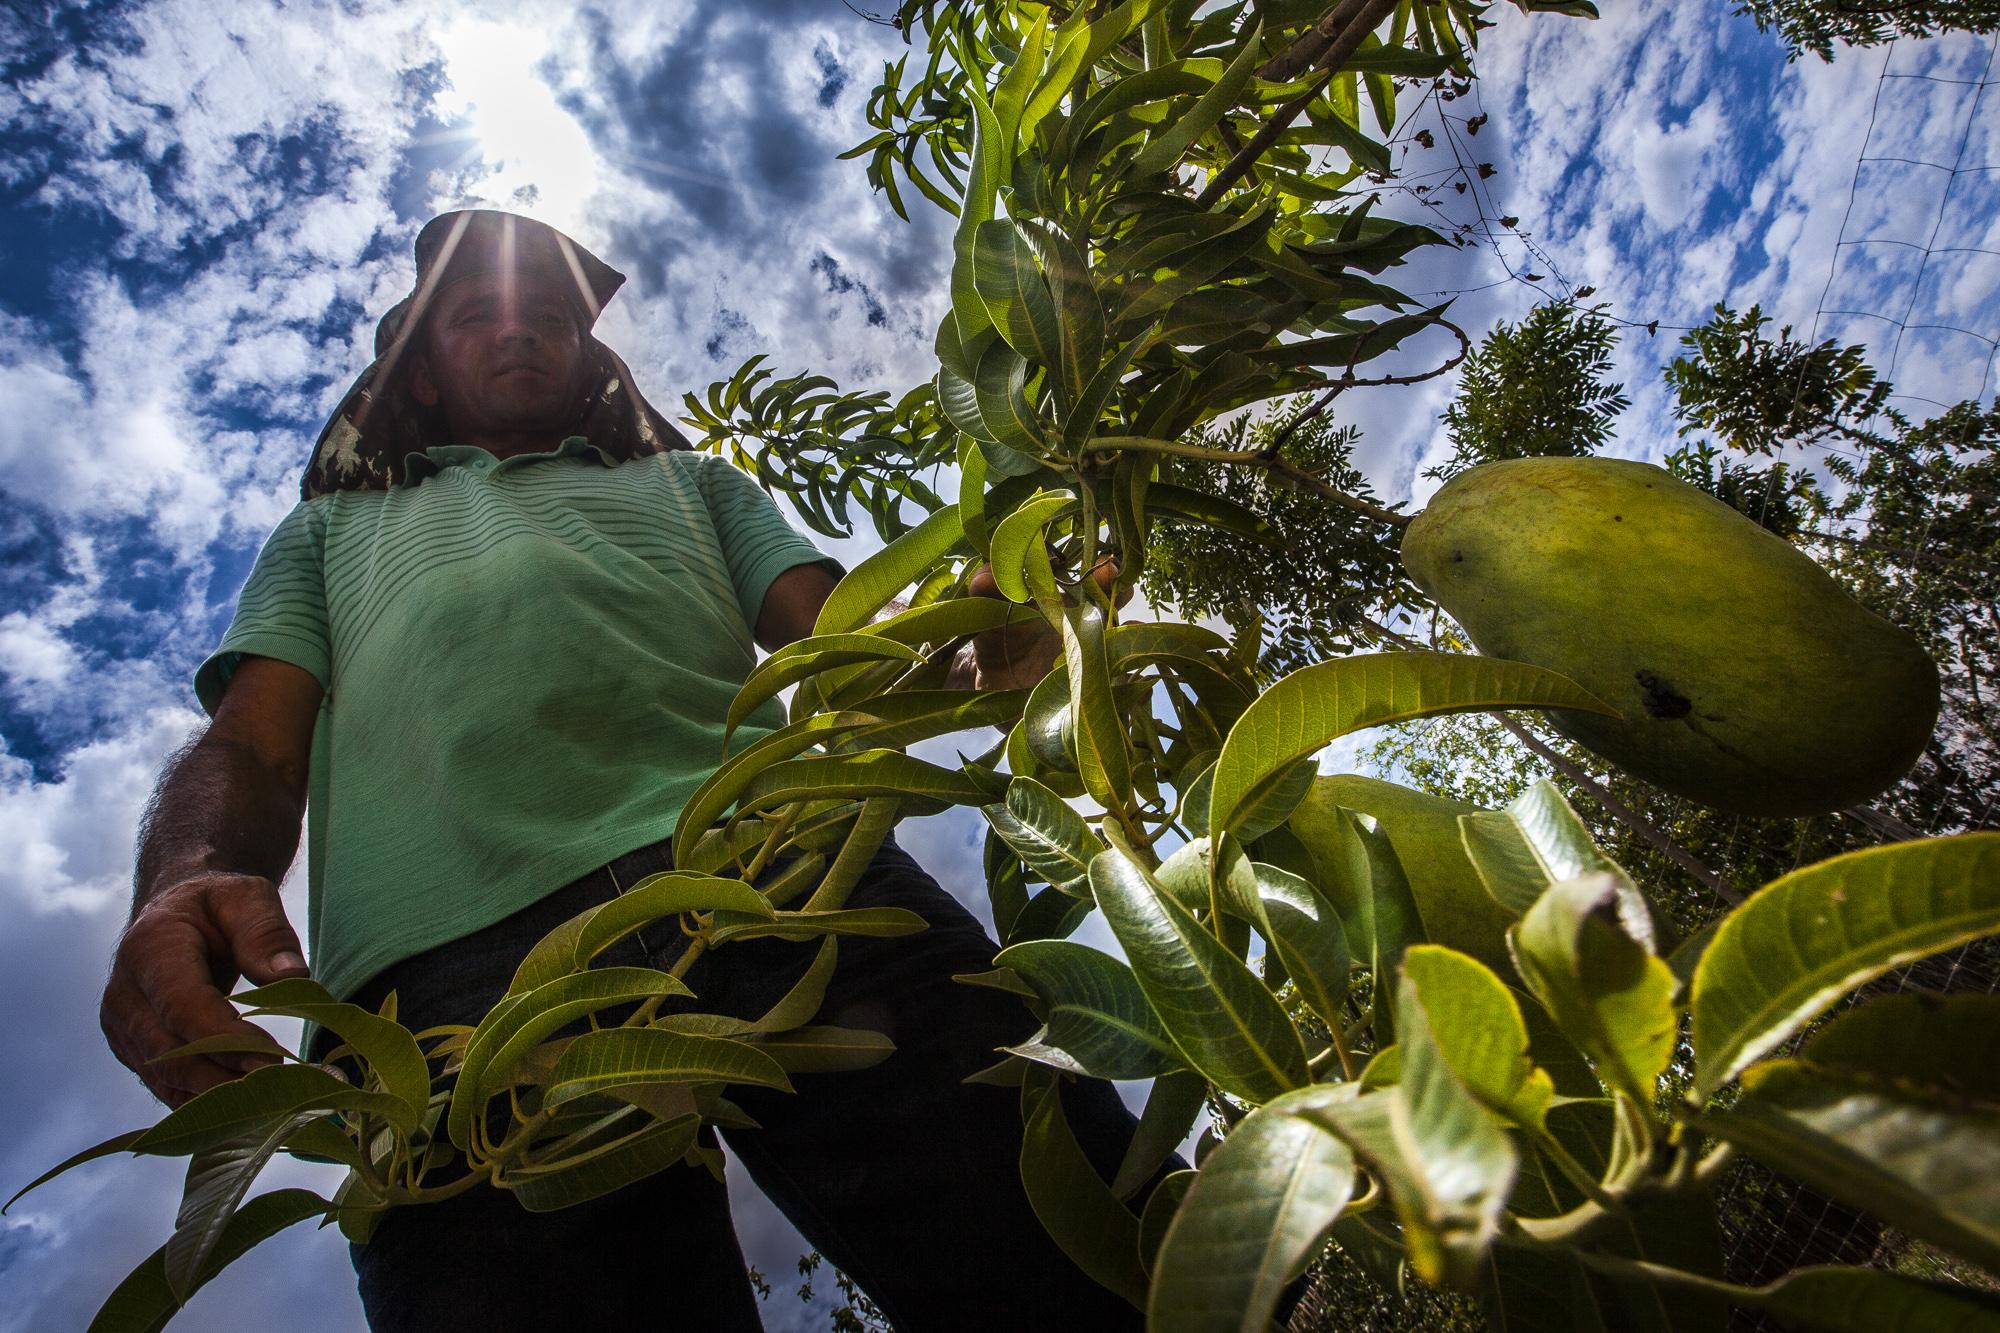 Ao todo, 31 municípios estão contemplados com o repasse, por meio do Projeto Paulo Freire. O programa tem parceria do Fundo Internacional de Desenvolvimento da Agricultura e beneficia, nesta etapa, mais de 12 mil famílias.